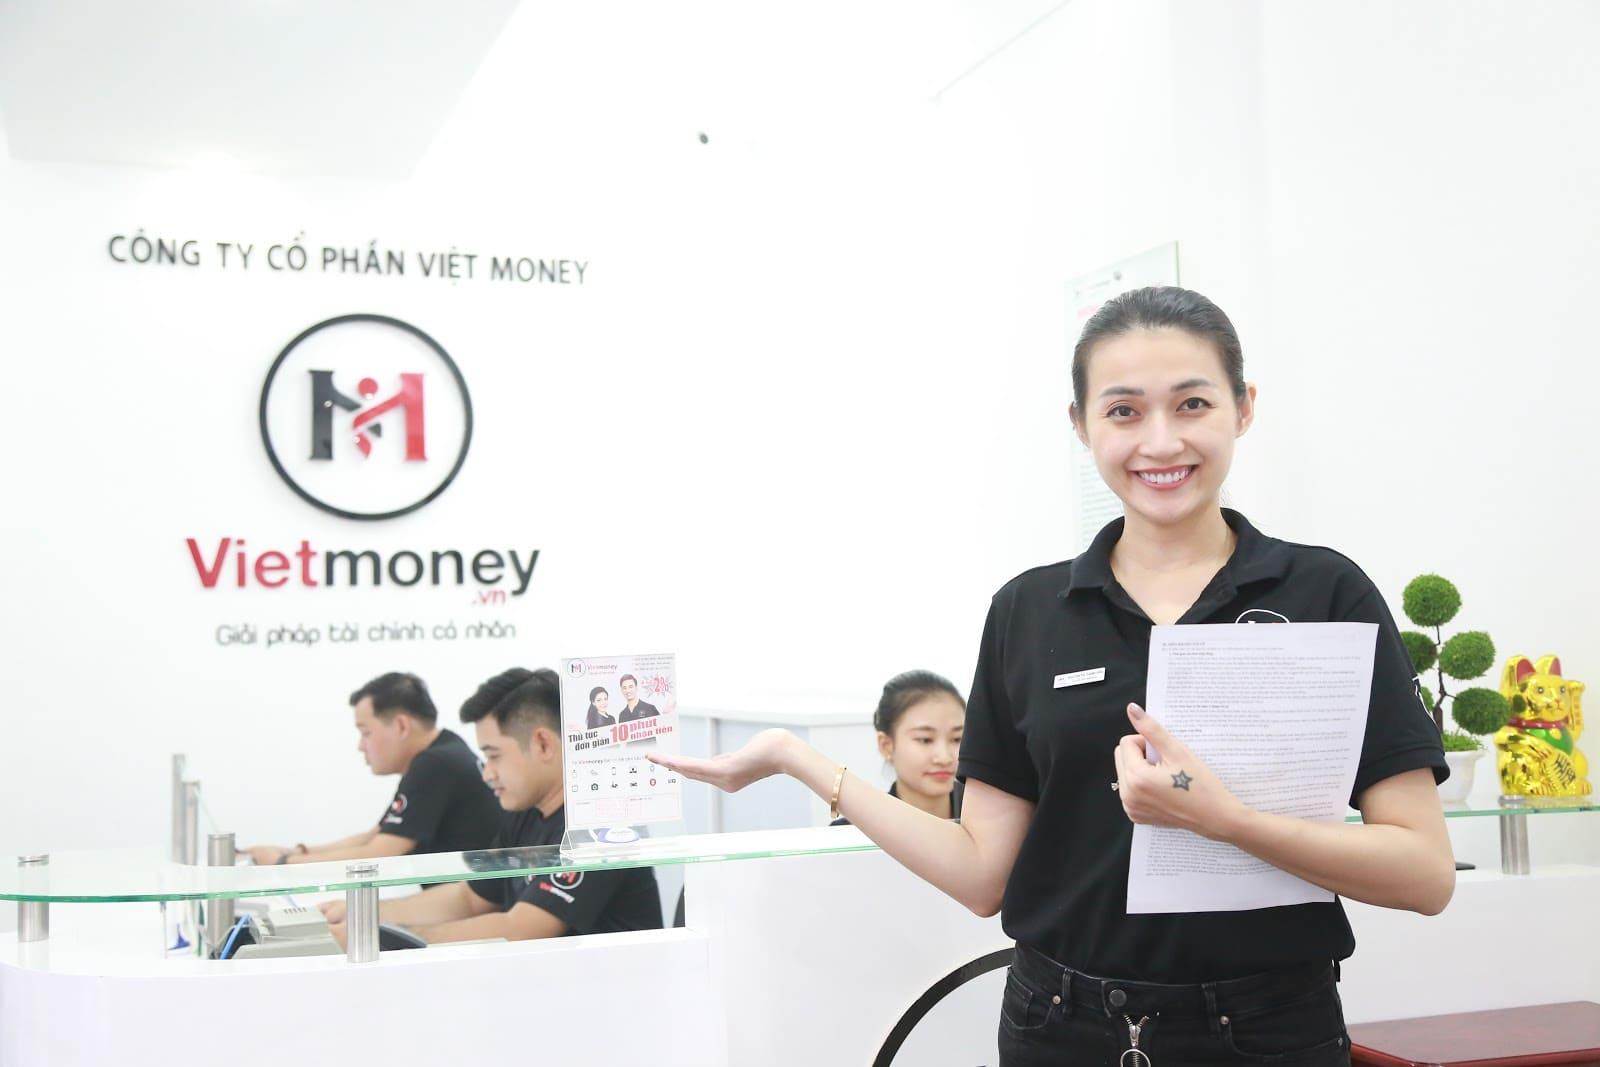 đảm bảo uy tín khi vay tvoosn từ Viet Money